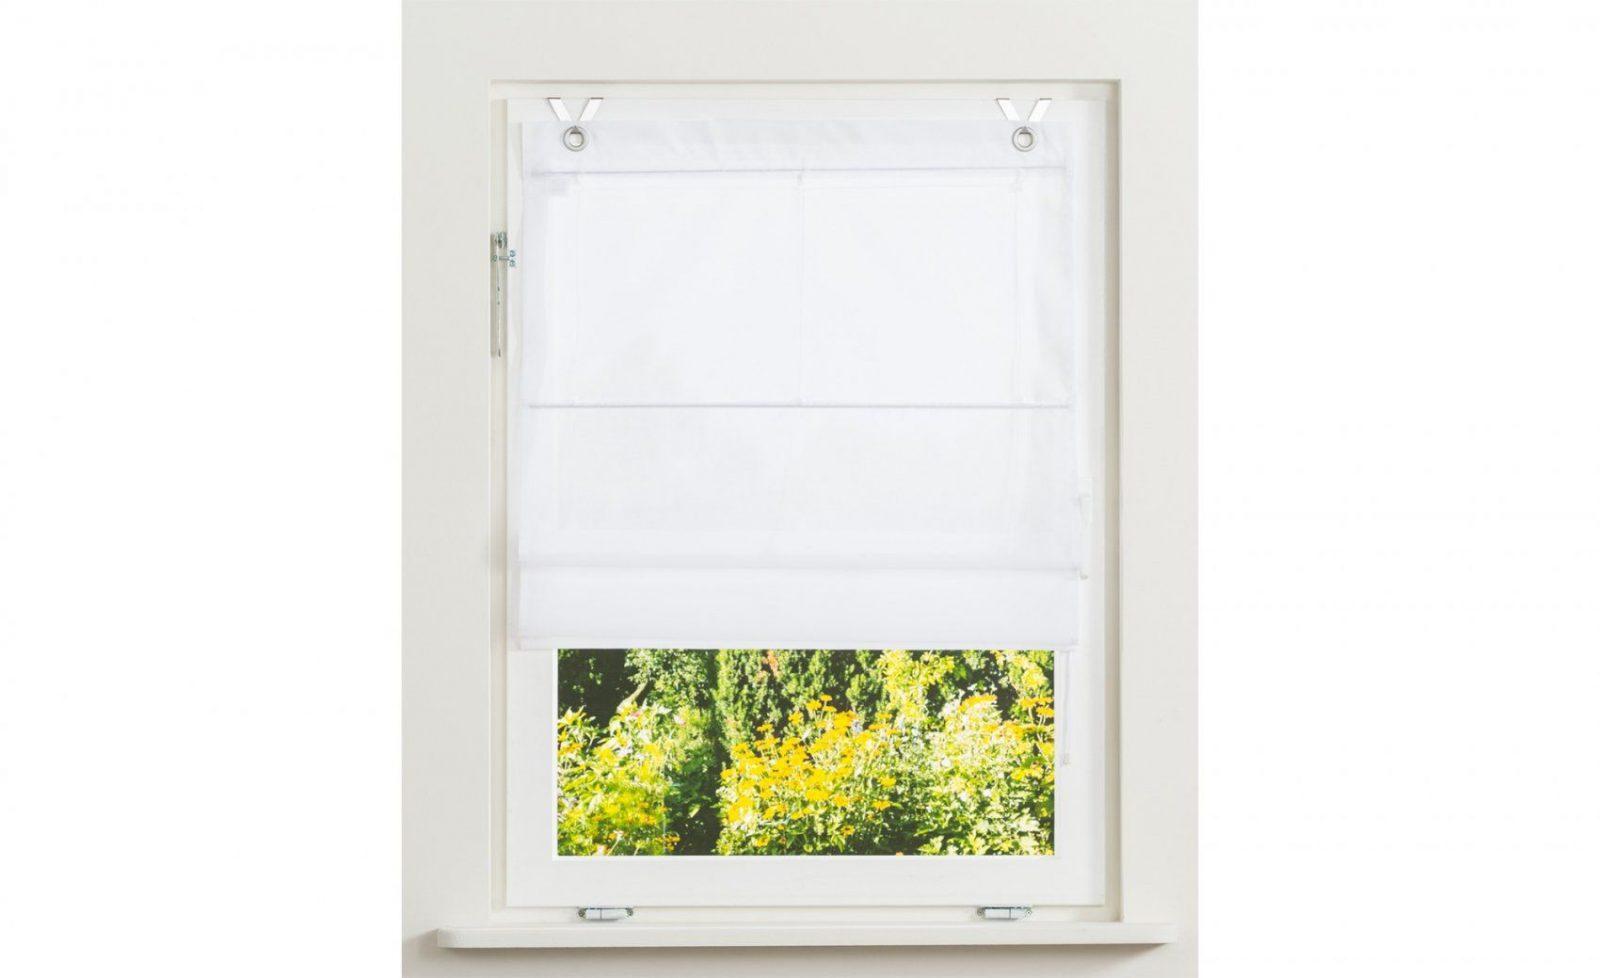 Raffrollo Mit Ösen  80 Cm 140 Cm  Bei Möbel Kraft Online Kaufen von Rollo Mit Ösen Und Fensterhaken Photo